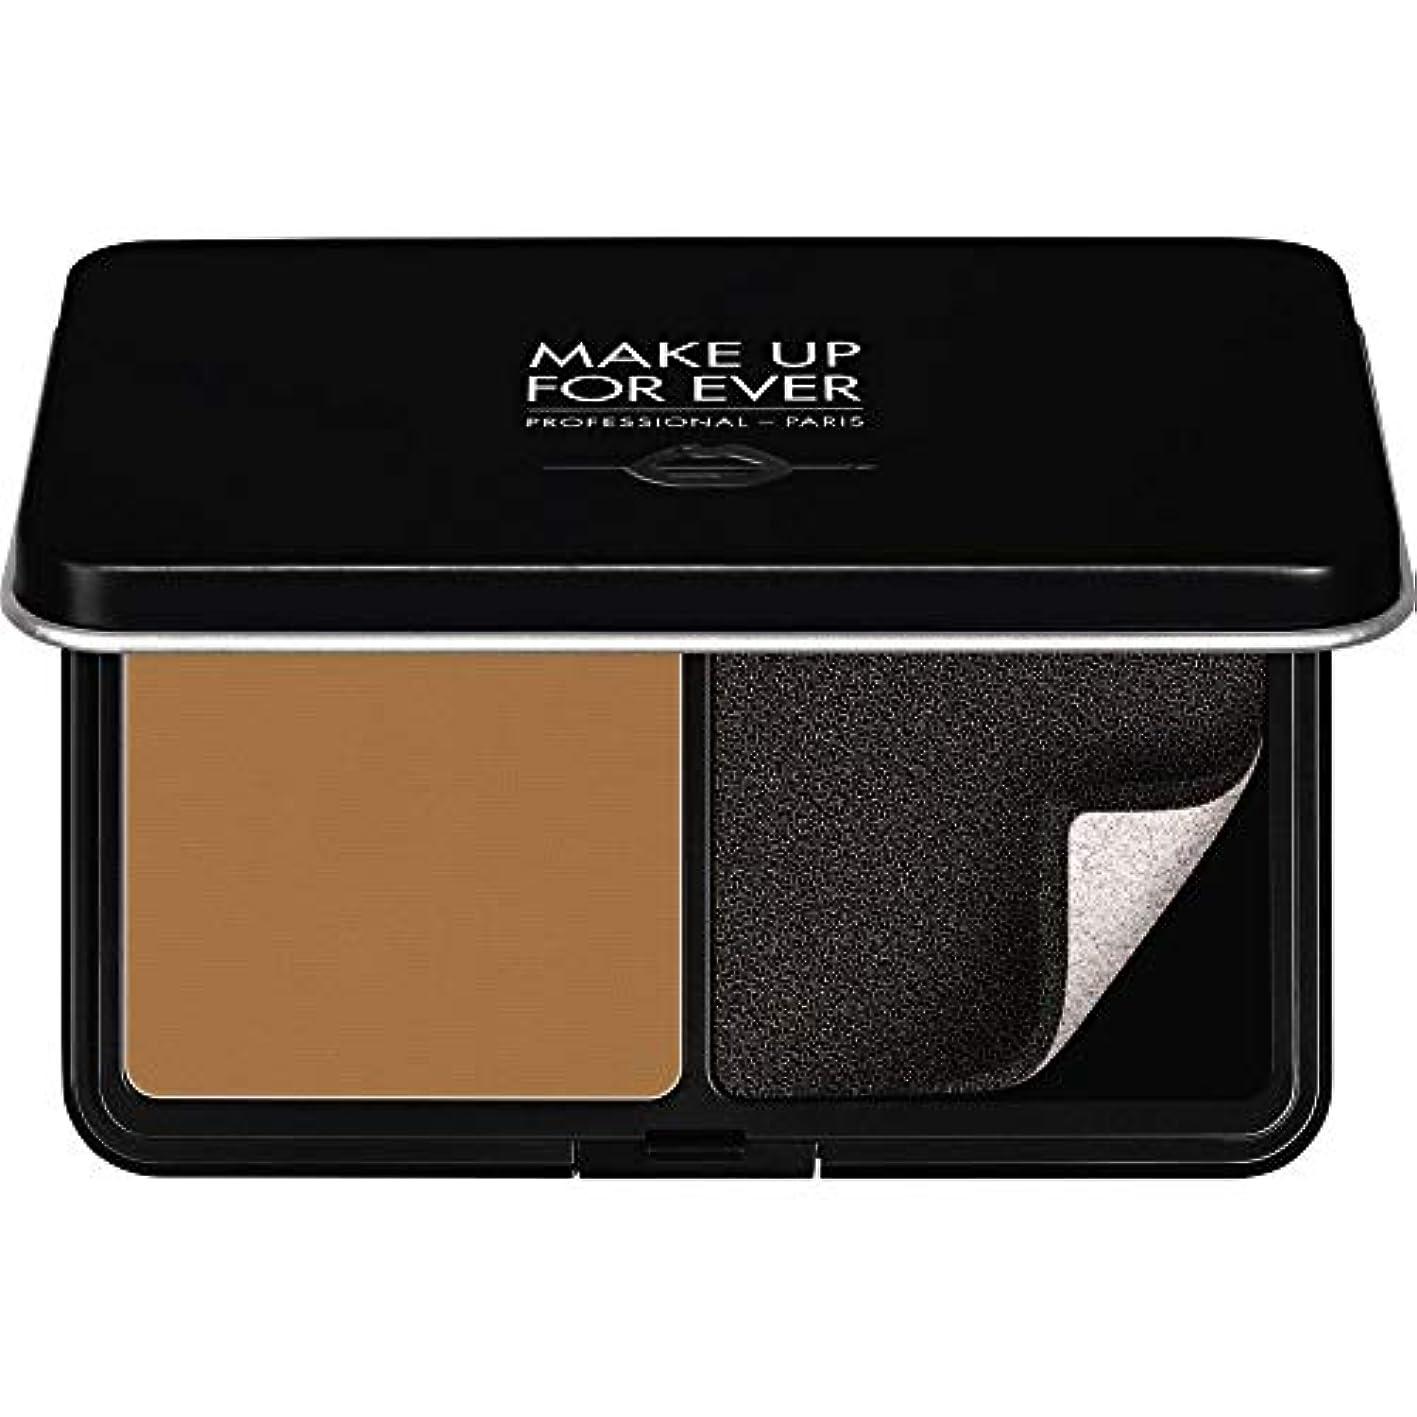 資本主義一過性狂人[MAKE UP FOR EVER] パウダーファンデーション11GののY505をぼかし、これまでマットベルベットの肌を補う - コニャック - MAKE UP FOR EVER Matte Velvet Skin Blurring...